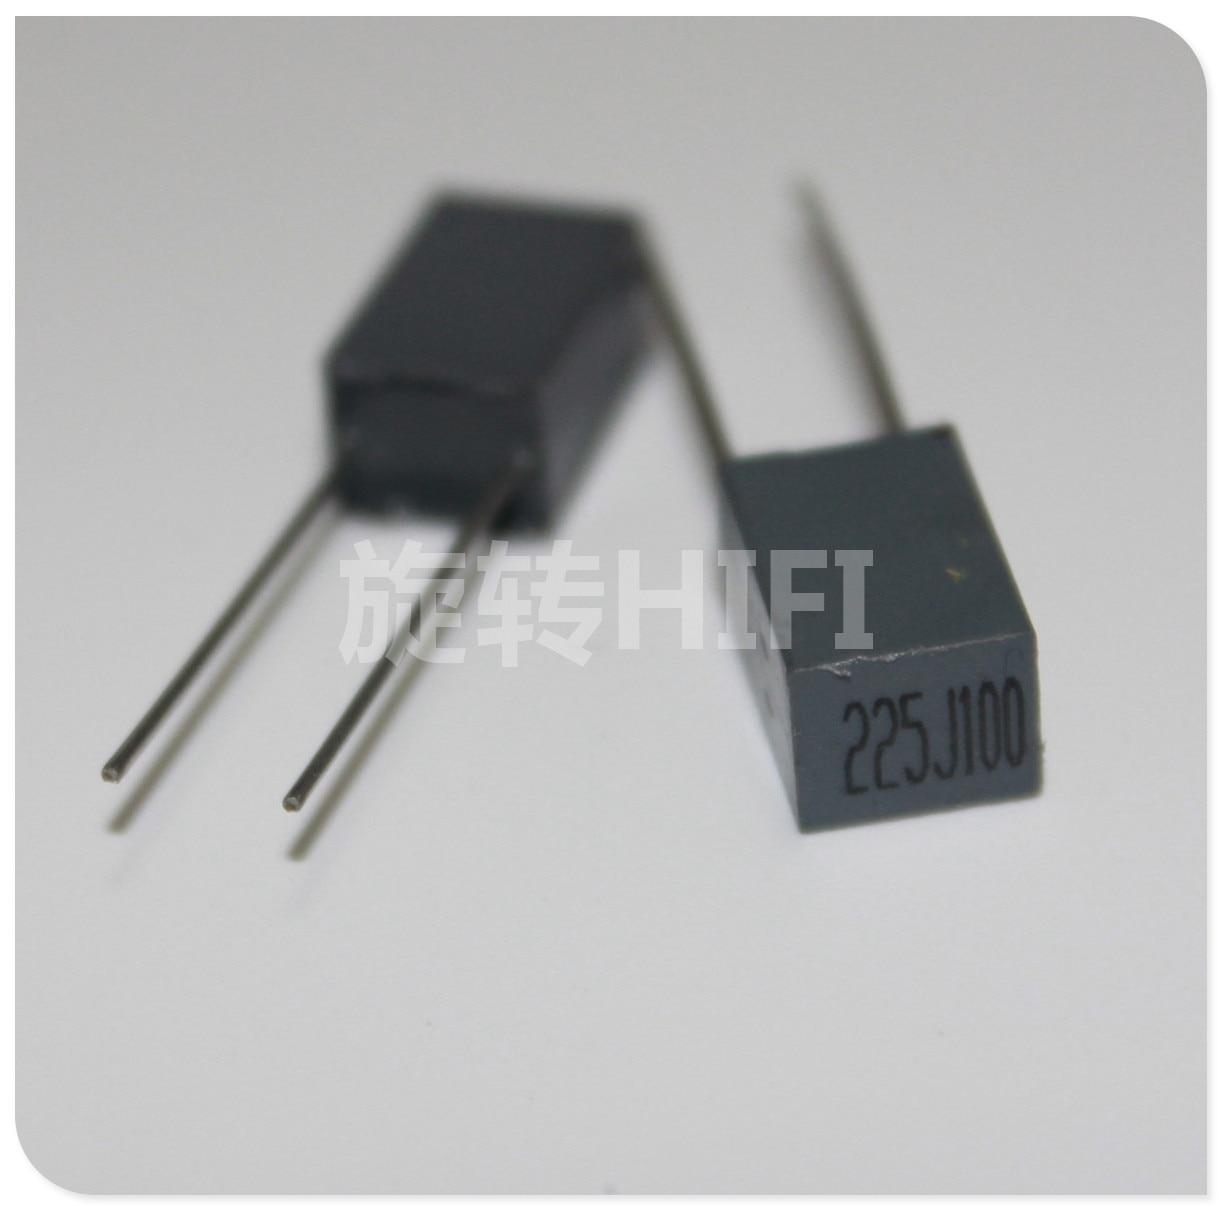 10pcs Xiamen Faratronic CL23B 2.2UF 100V 2U2 P5MM FARA CL23 225 Gray Film Capacitor 2.2uf/100v 225/100V 2200NF